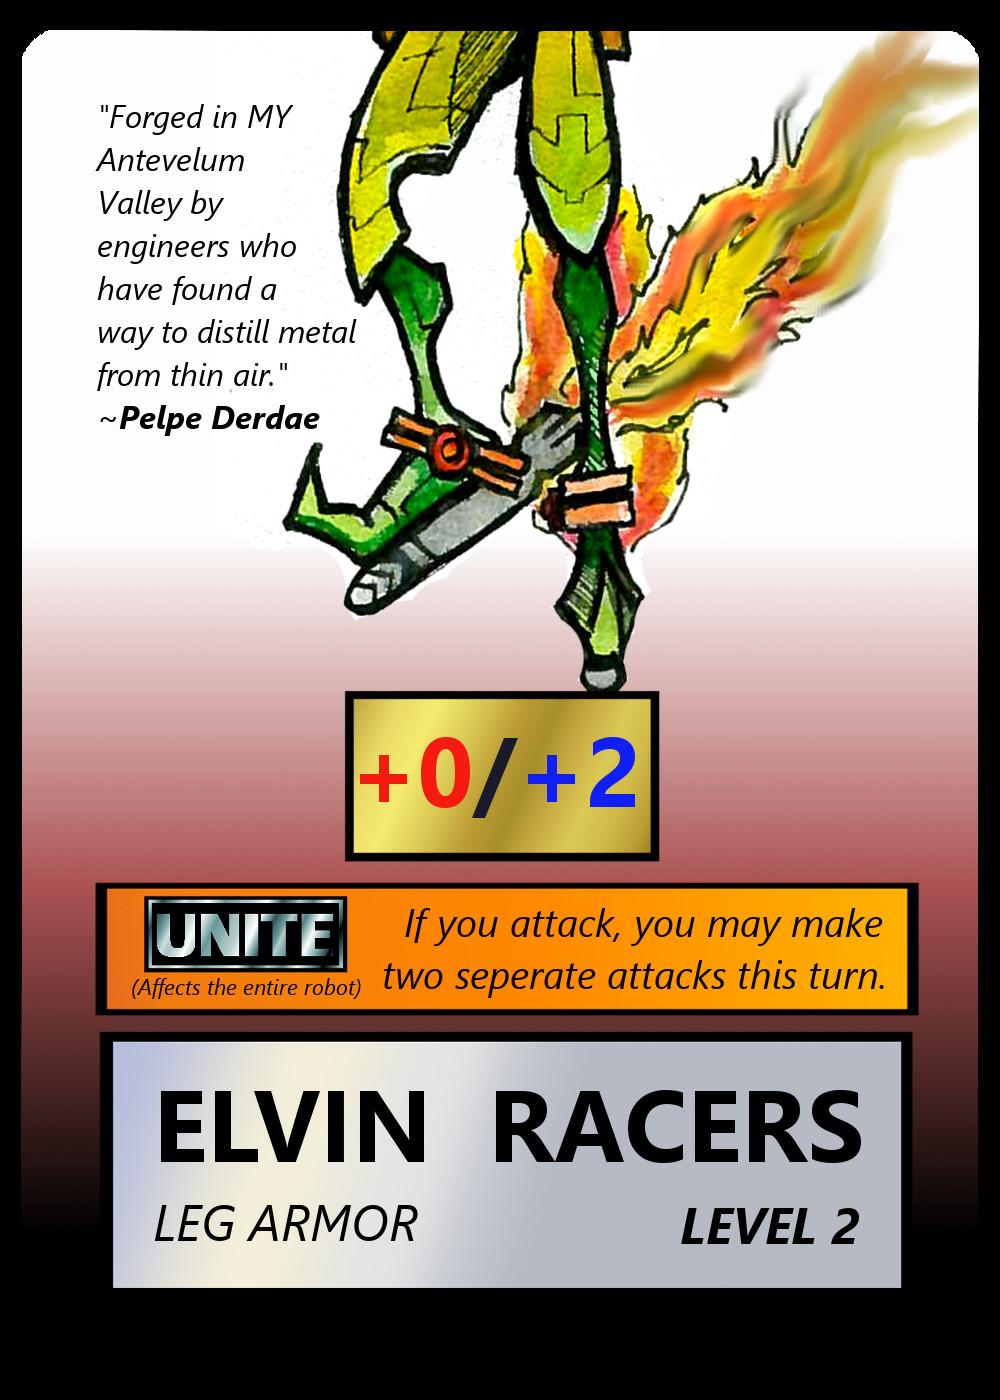 bioblack030elvinracers.jpg